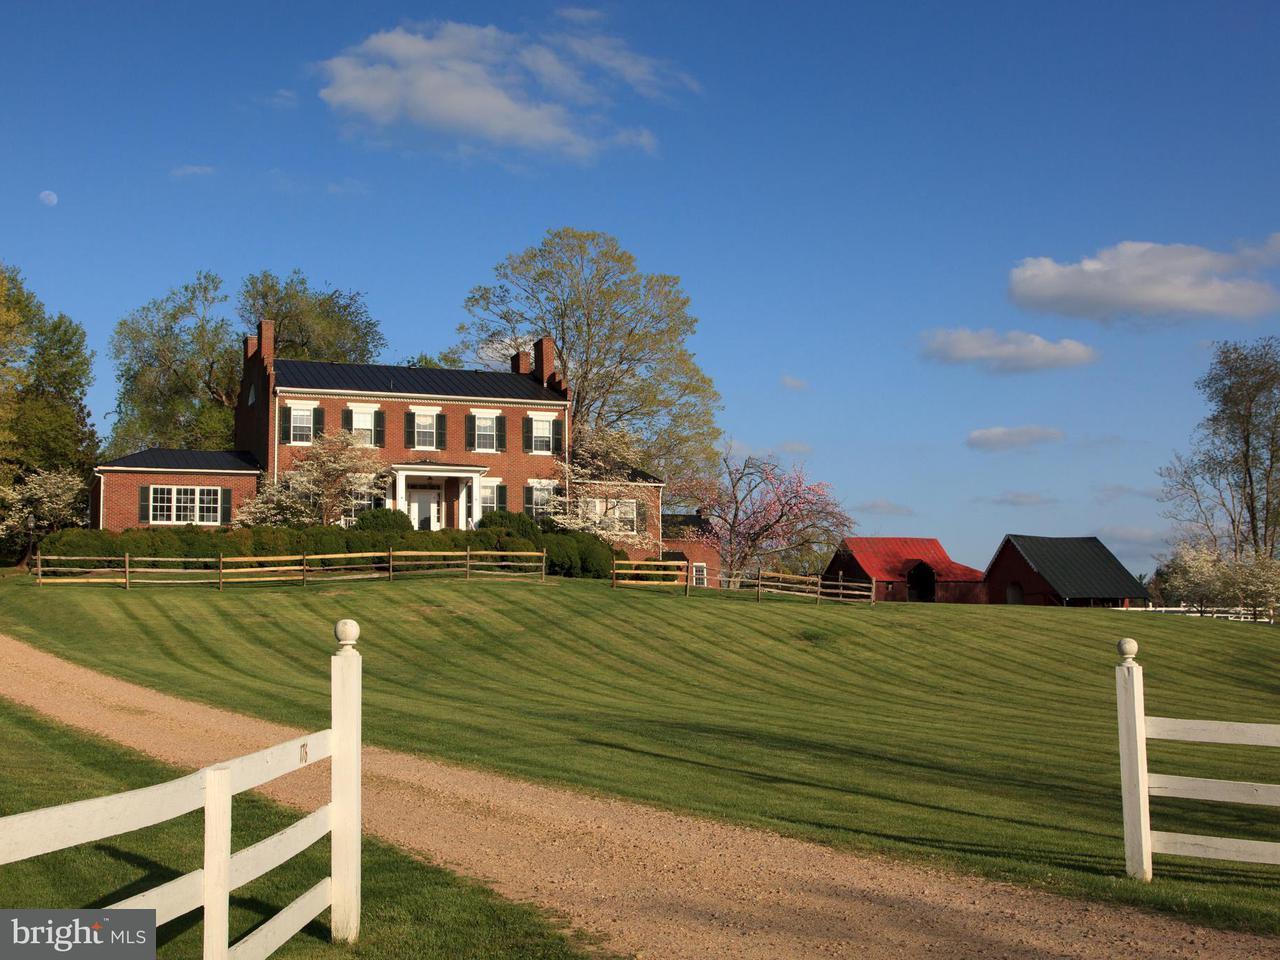 独户住宅 为 销售 在 176 MAIN Street 176 MAIN Street Washington, 弗吉尼亚州 22747 美国